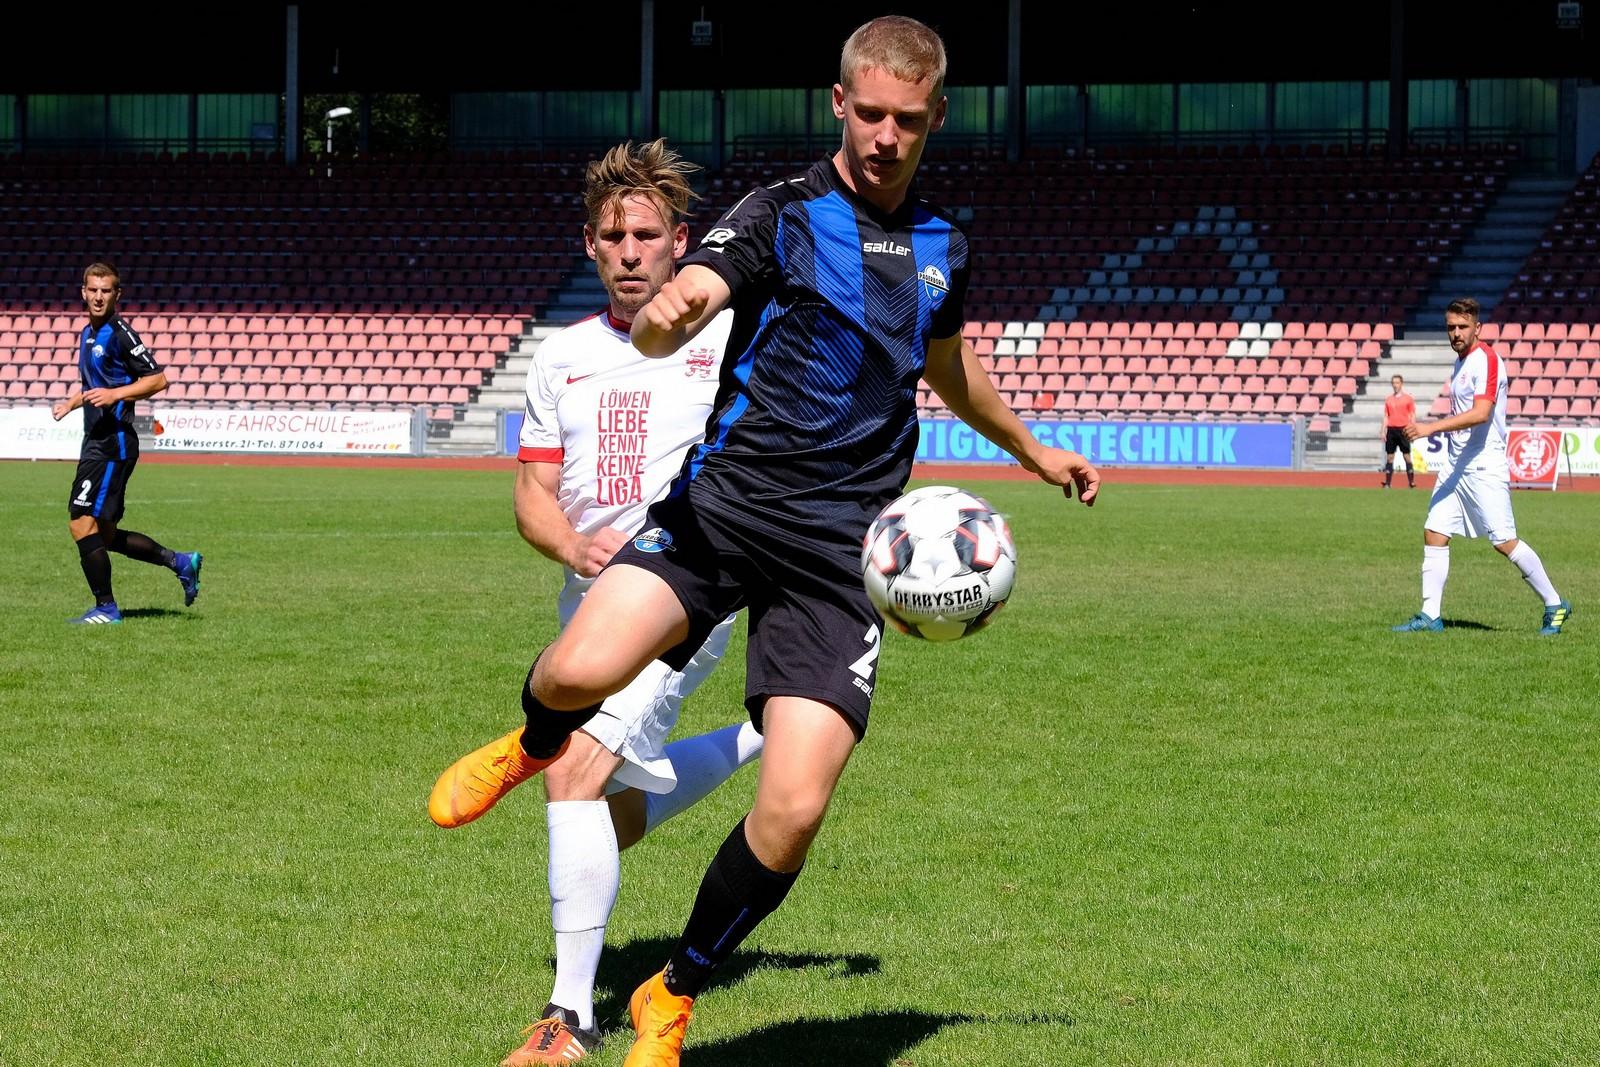 Oliver Schindler bei der U23 des SC Paderborn